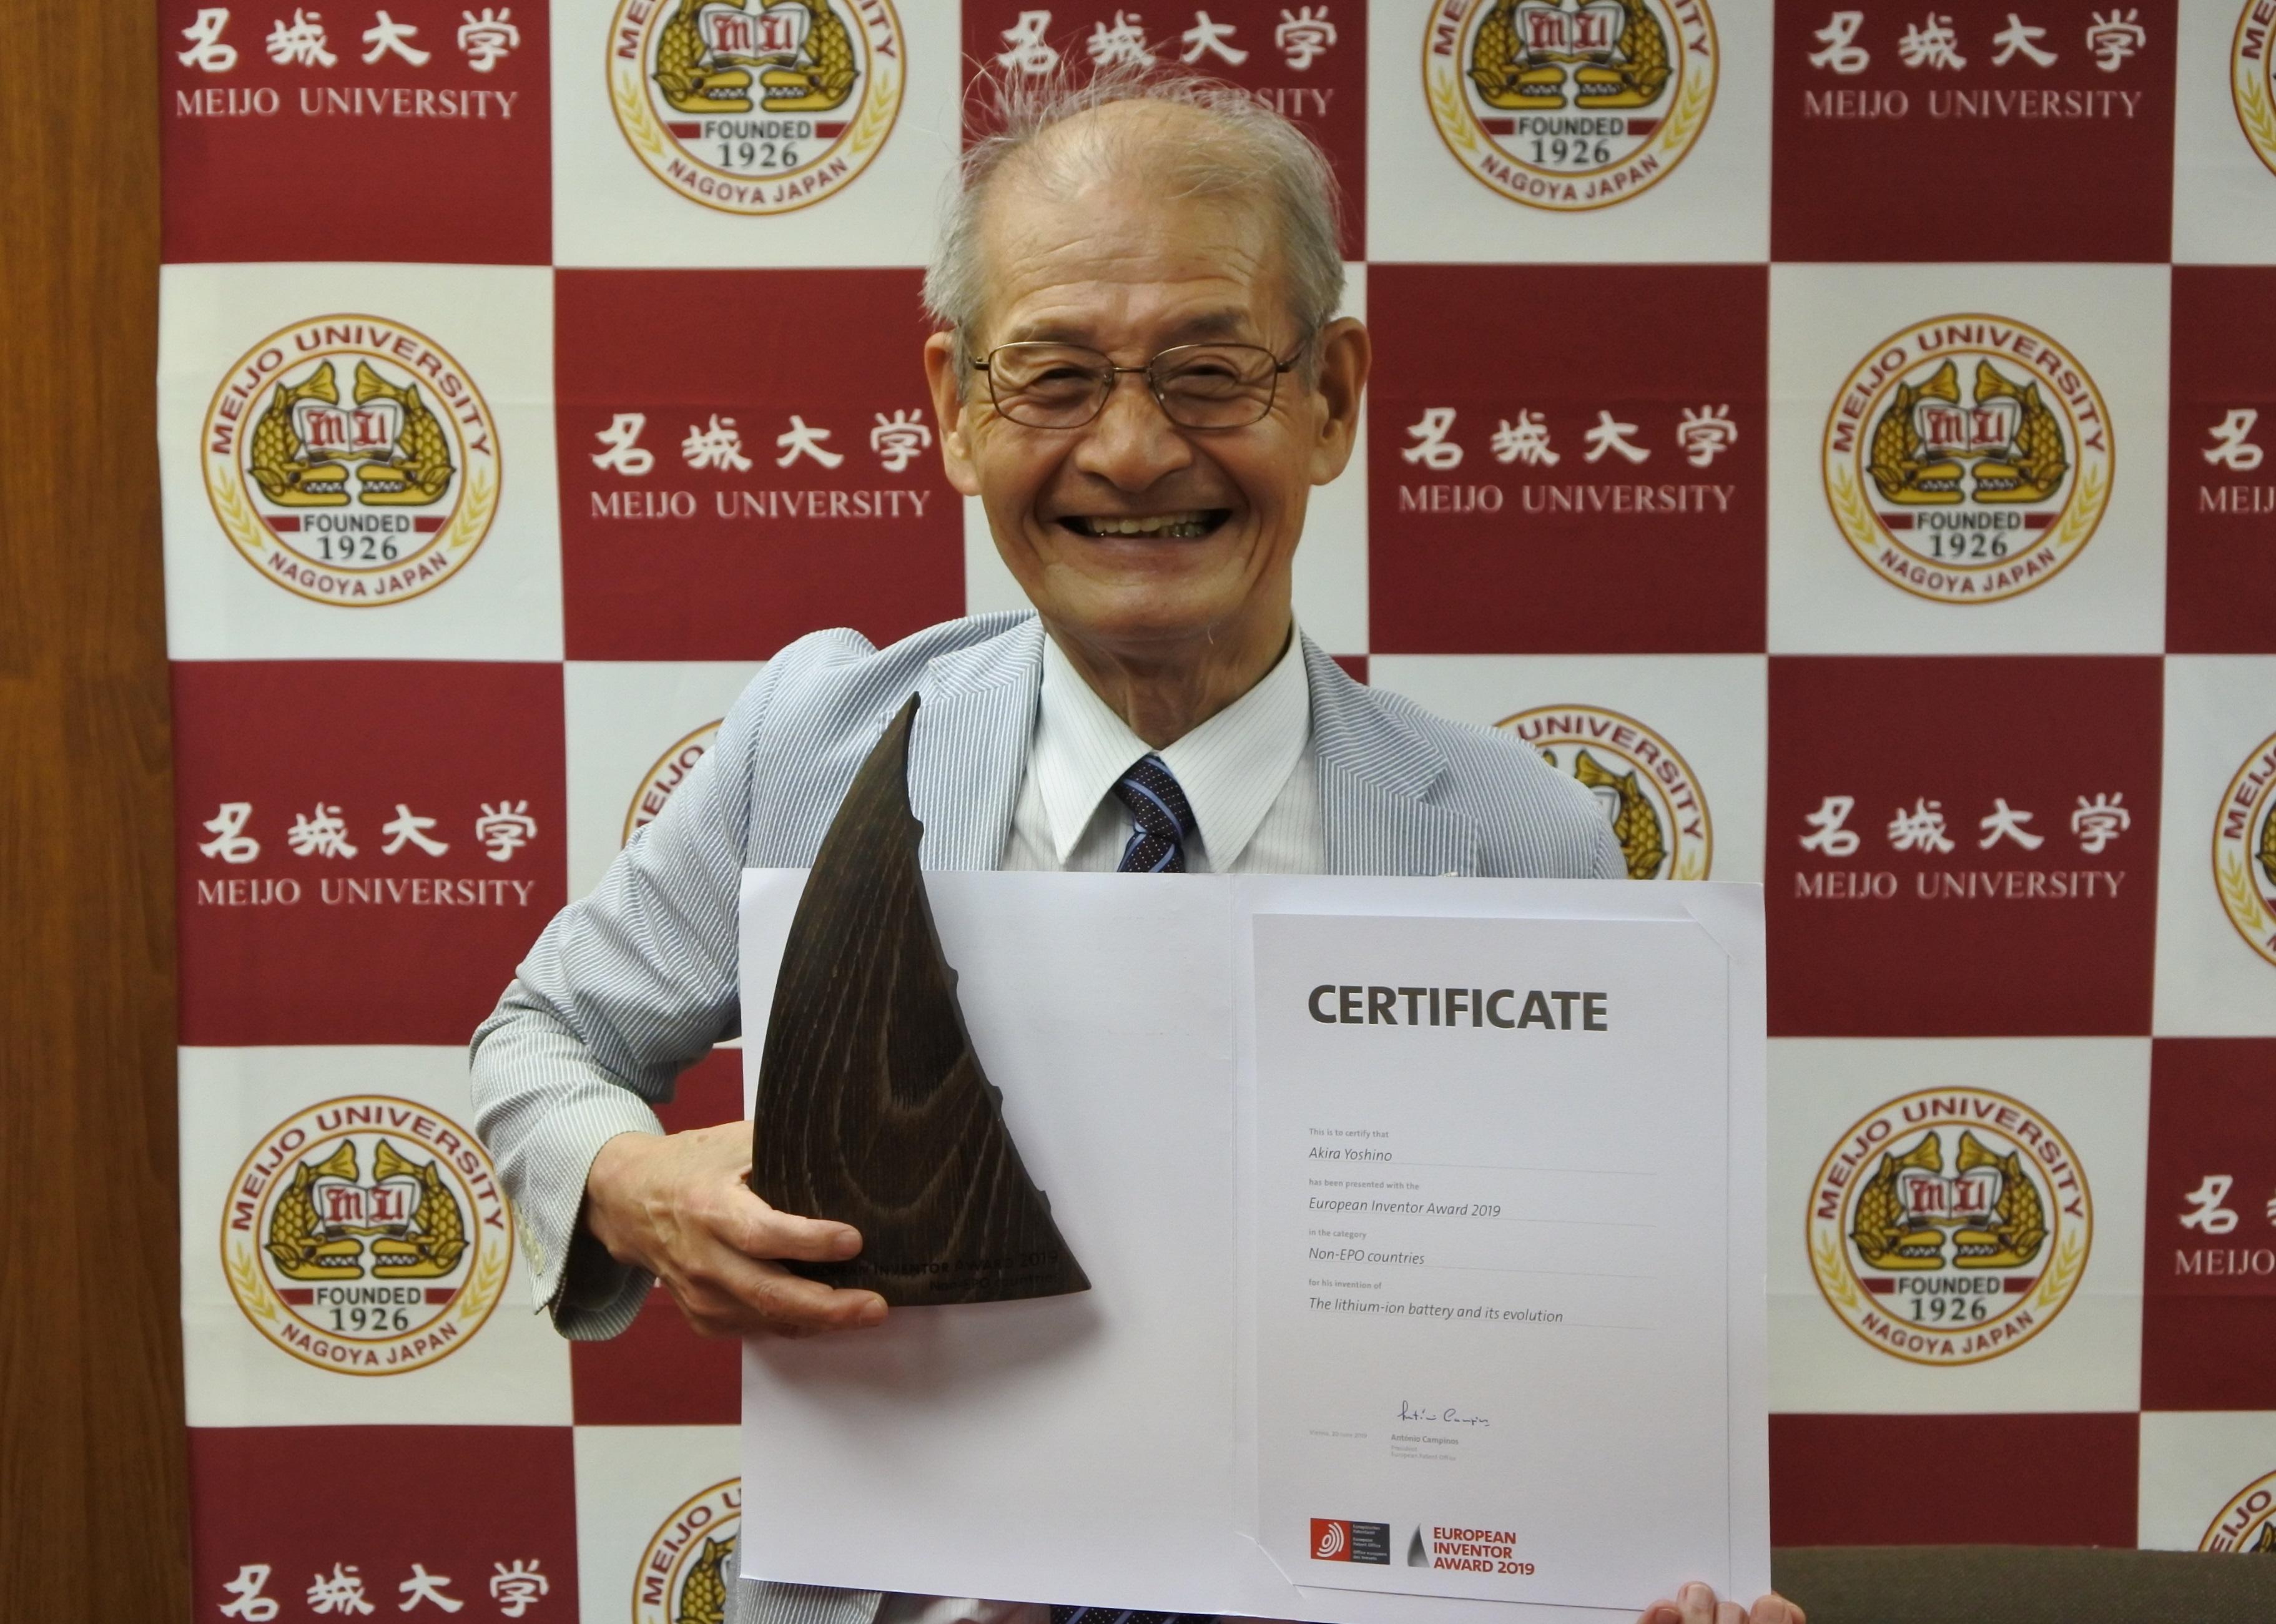 トロフィーと賞状を手に笑顔の吉野彰教授